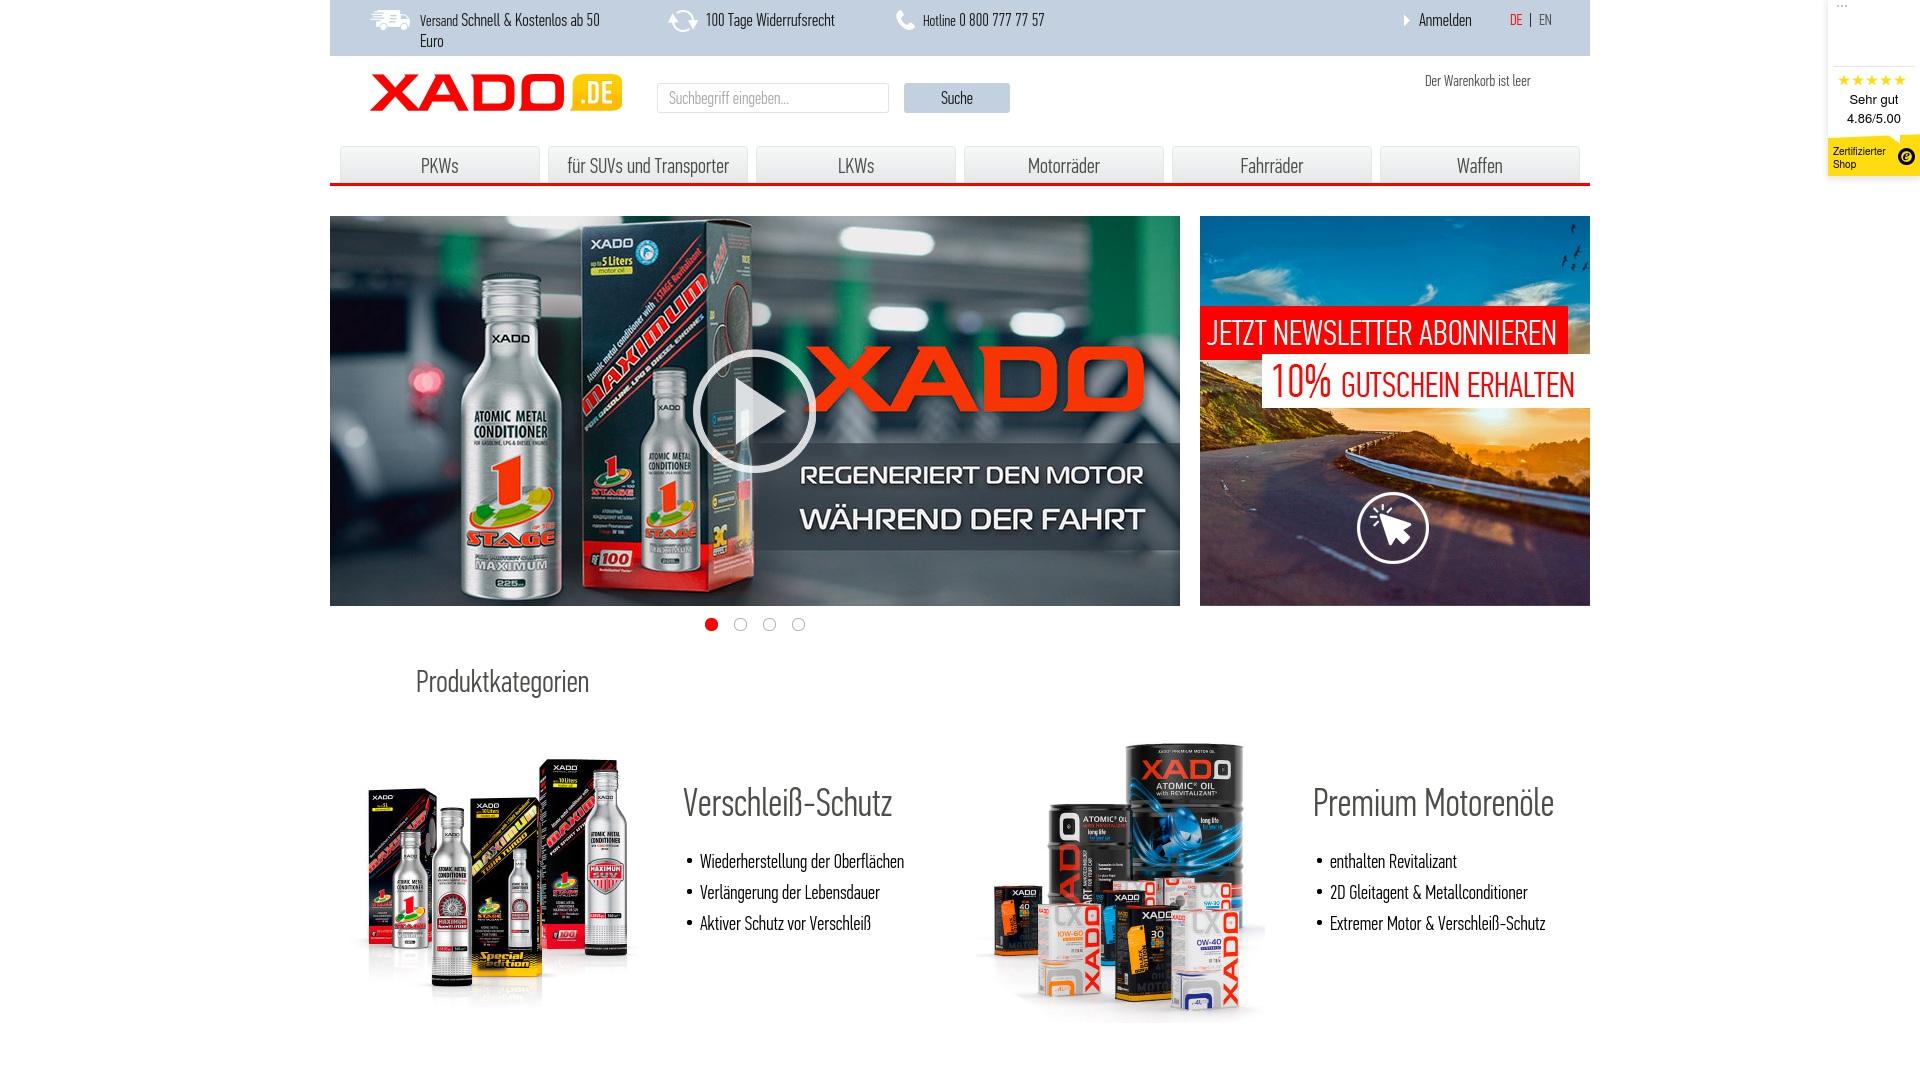 Gutschein für Xado: Rabatte für  Xado sichern